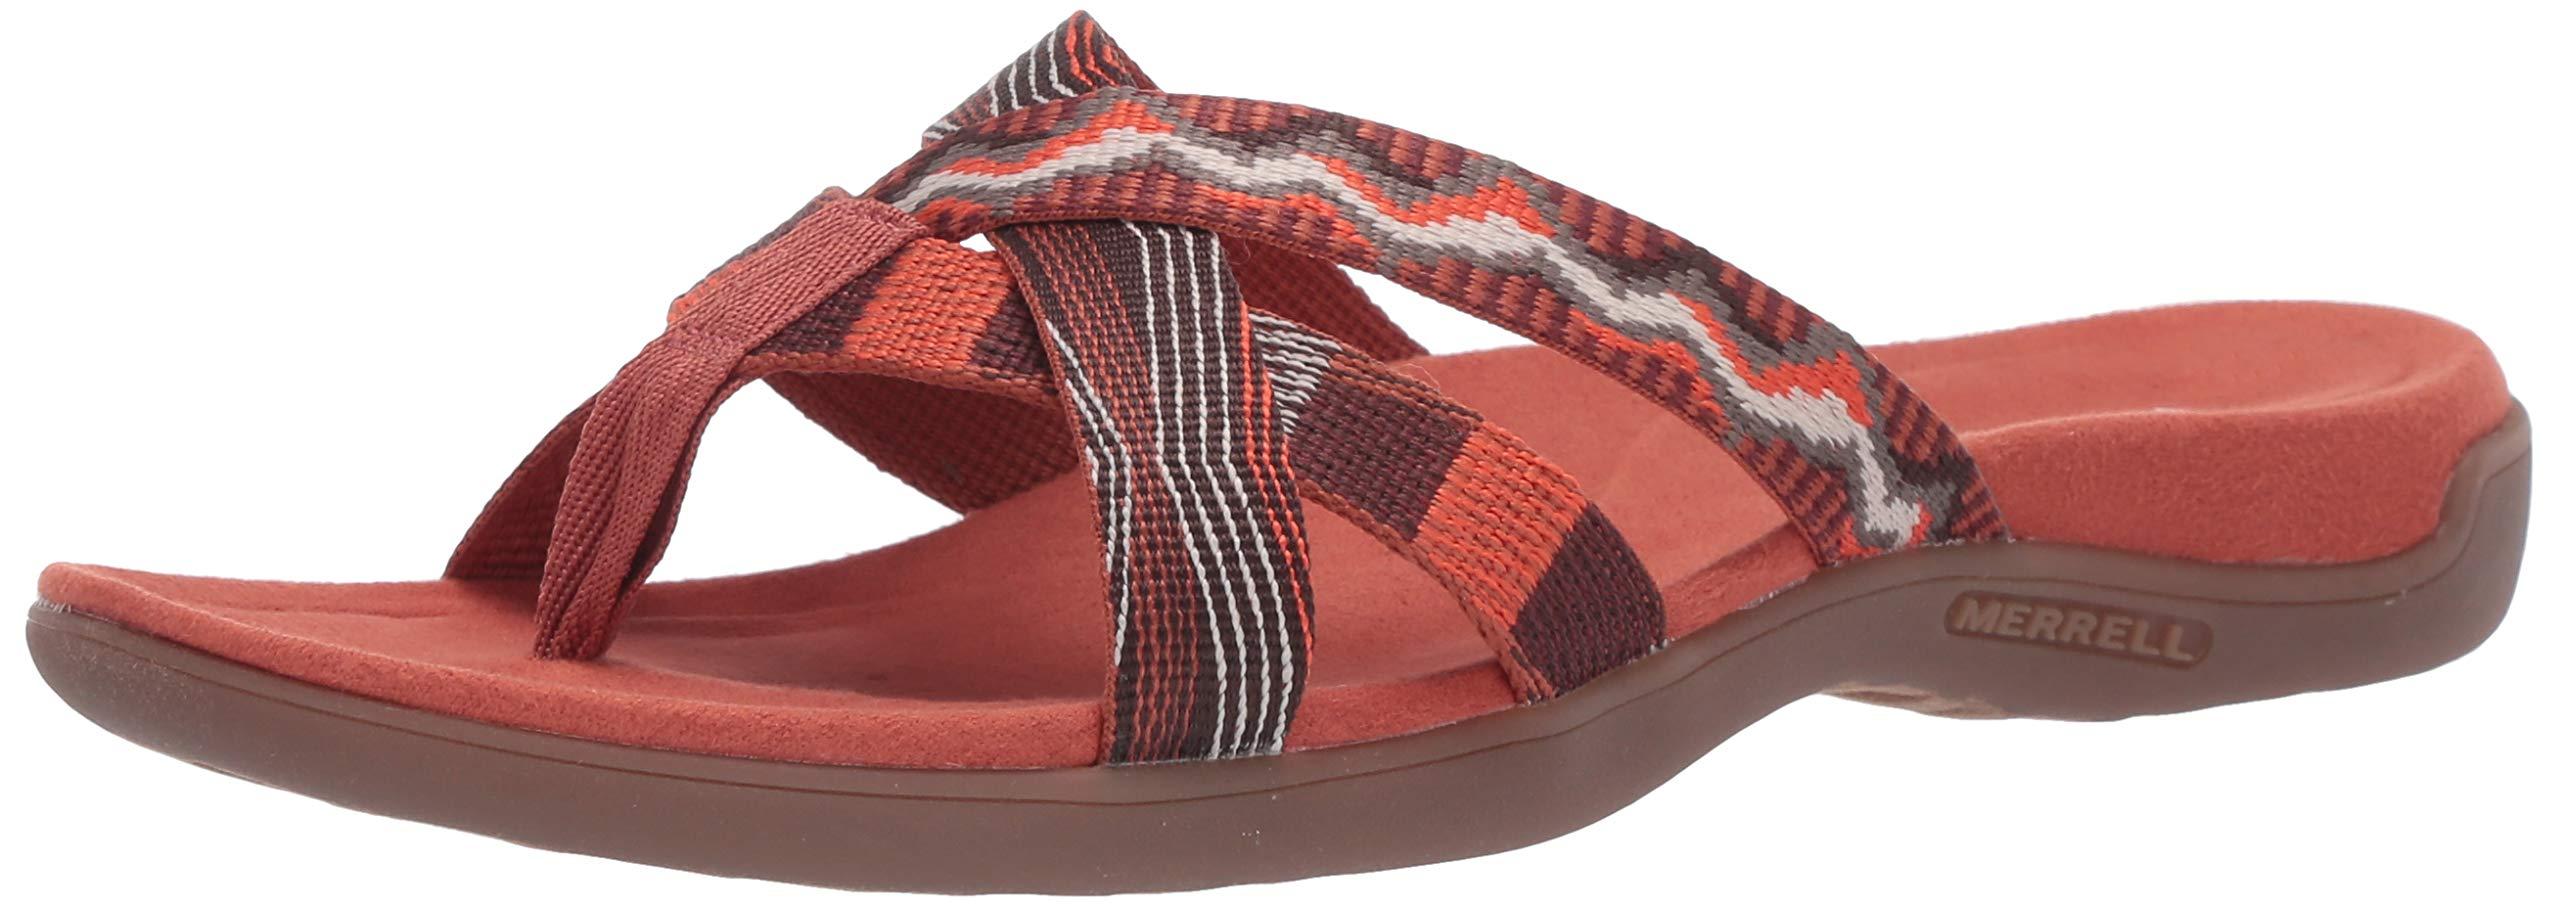 Merrell Women's J000324 Sandal